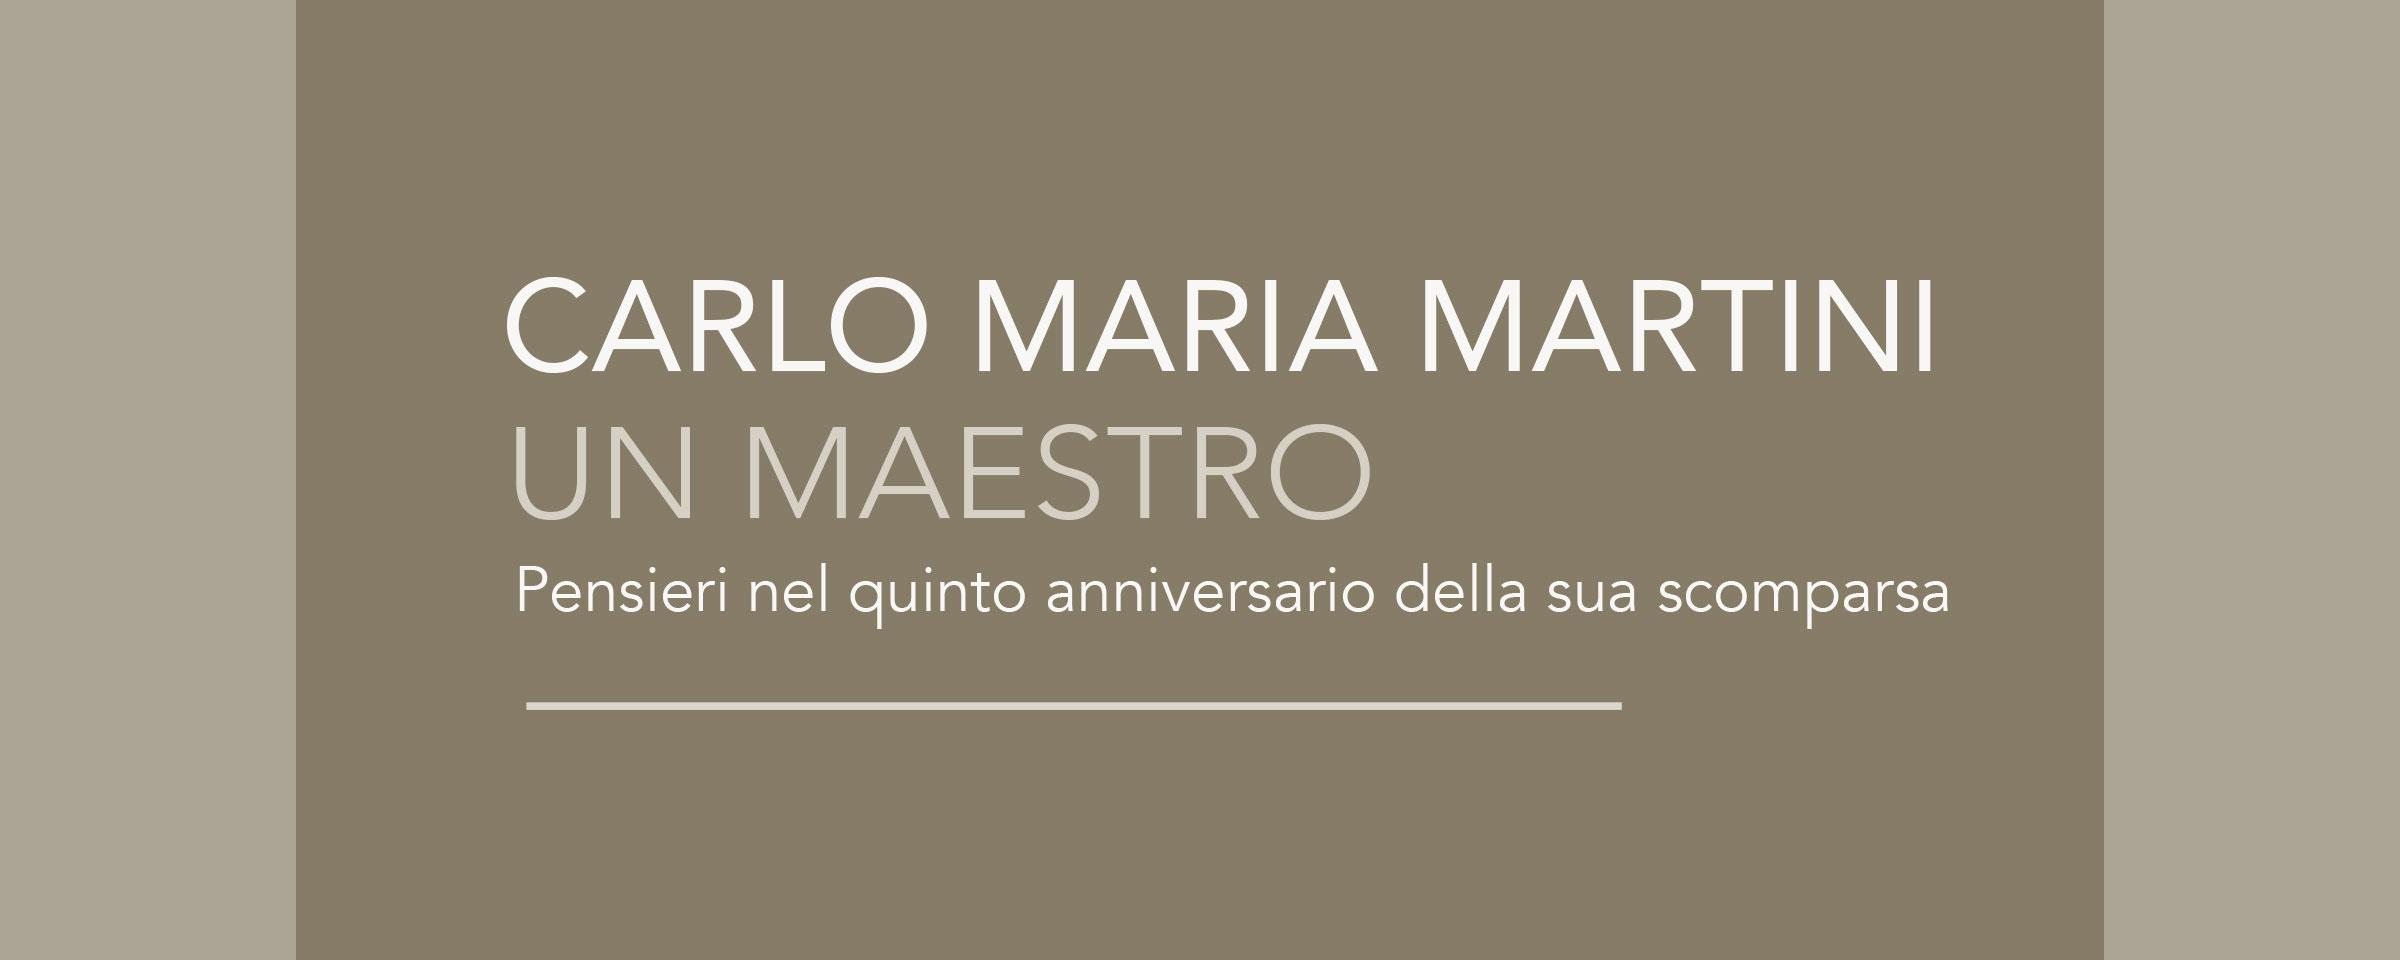 carlo-maria-martini-un-maestro